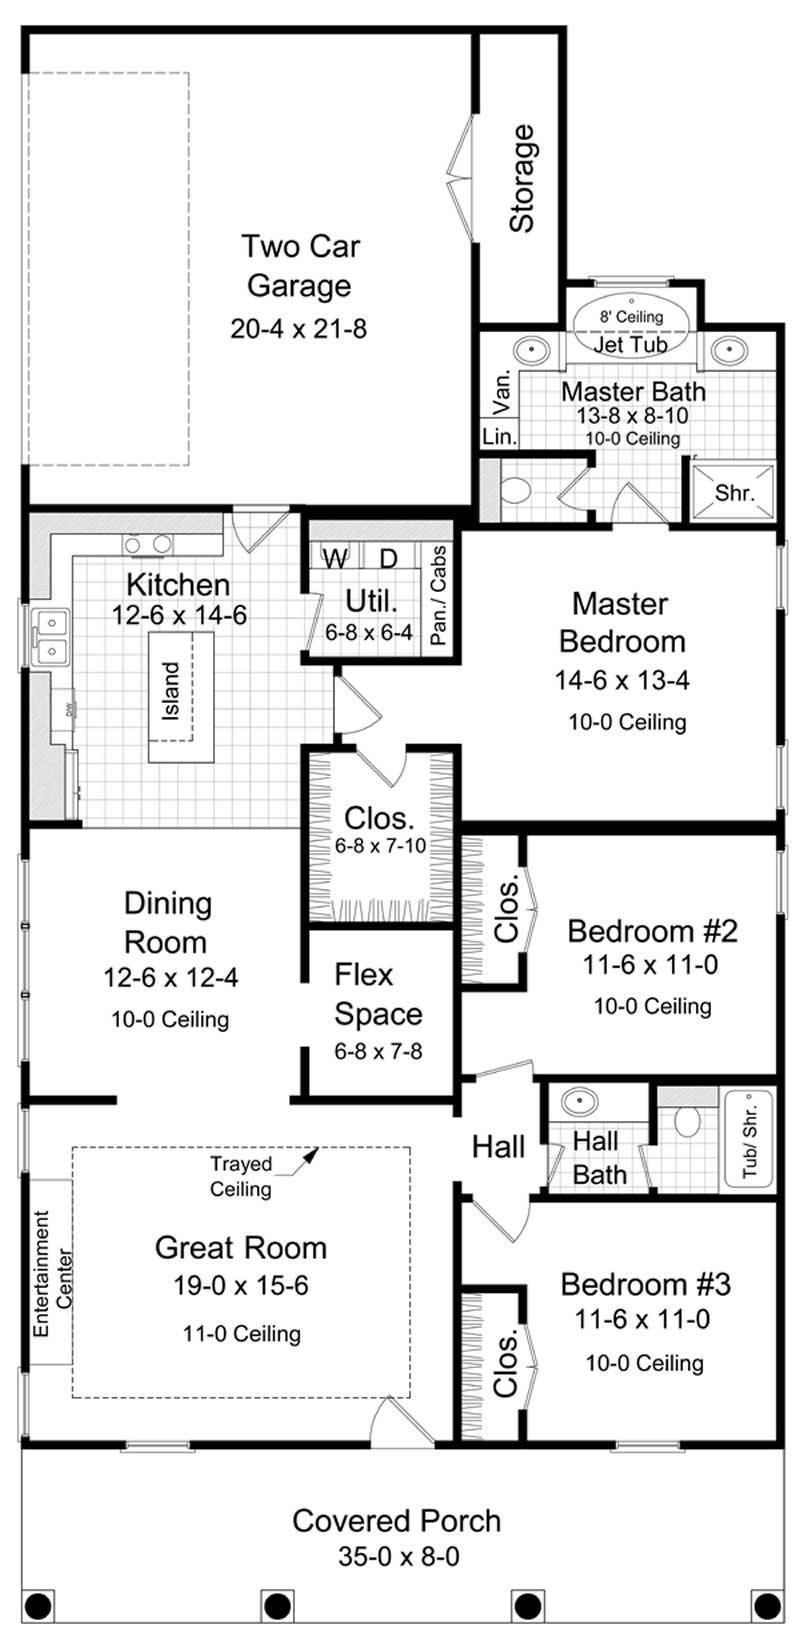 European, Bungalow House Plans - Home Design HPG-1650-1 # 9310